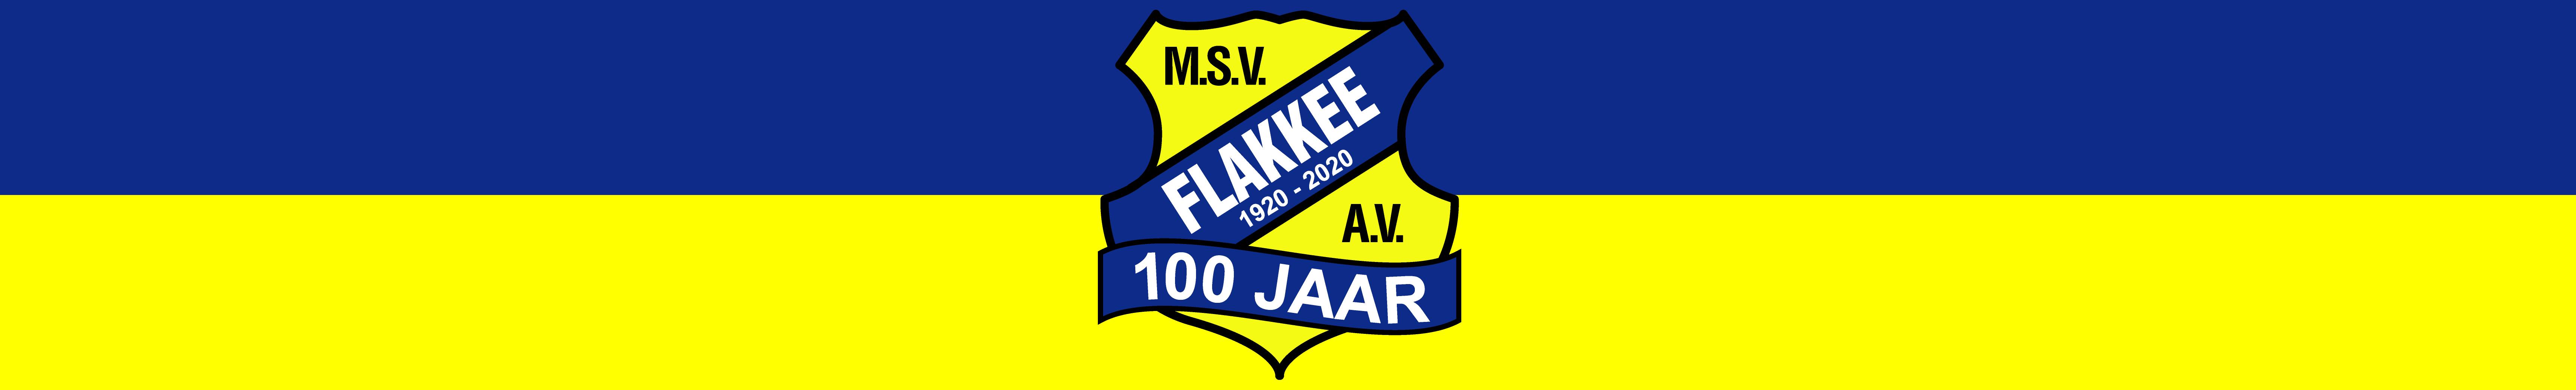 MSV Flakkee